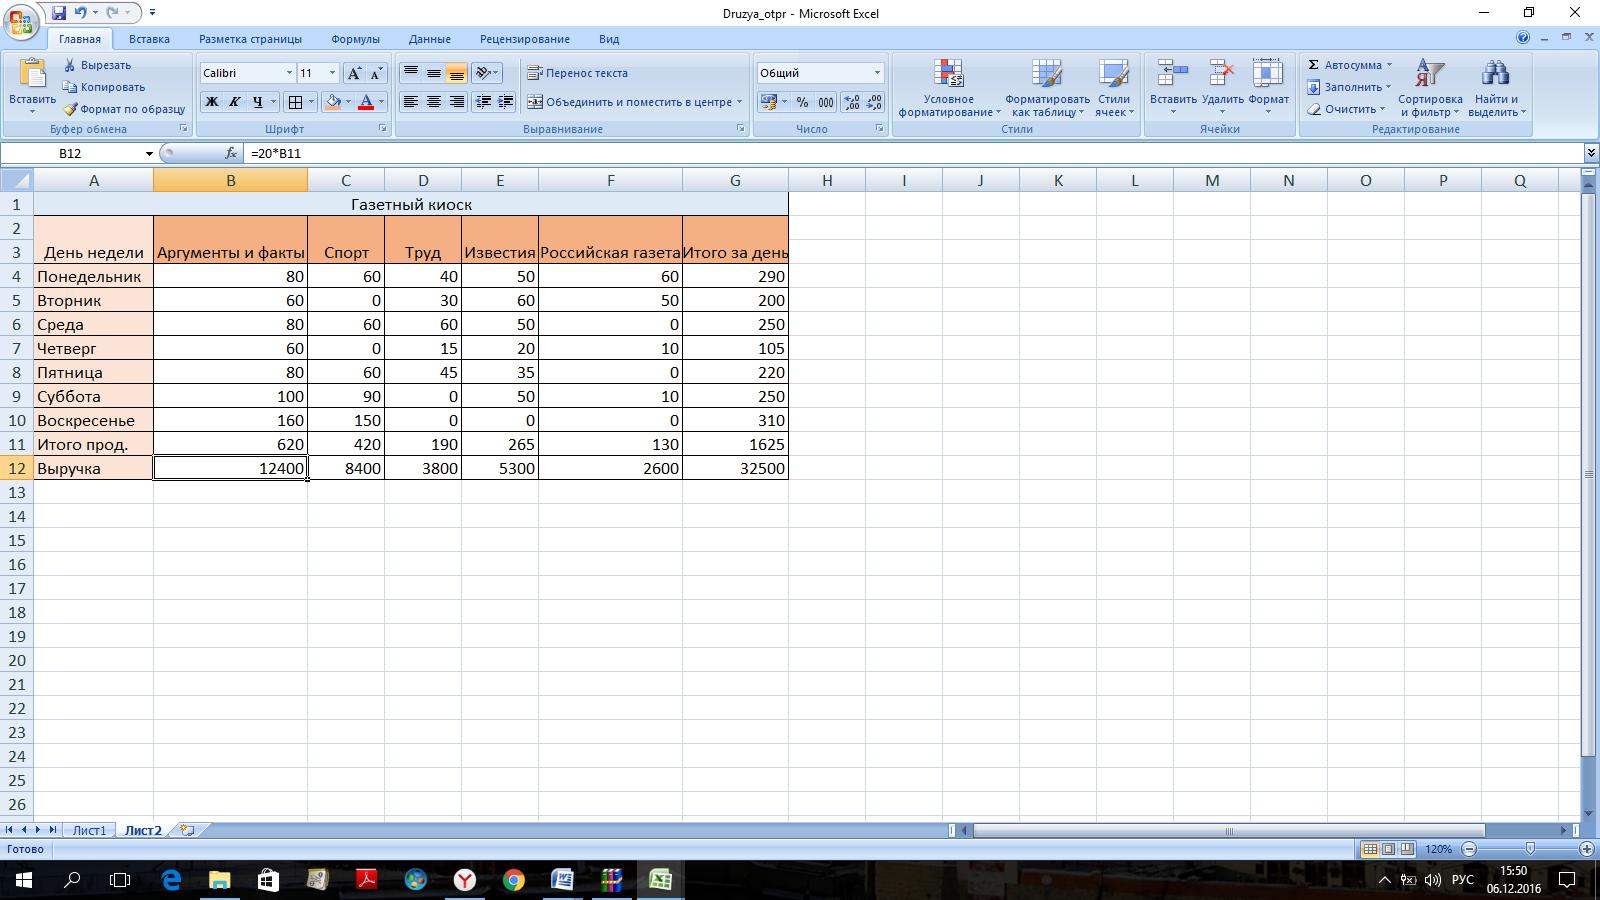 составление таблиц в excel фриланс